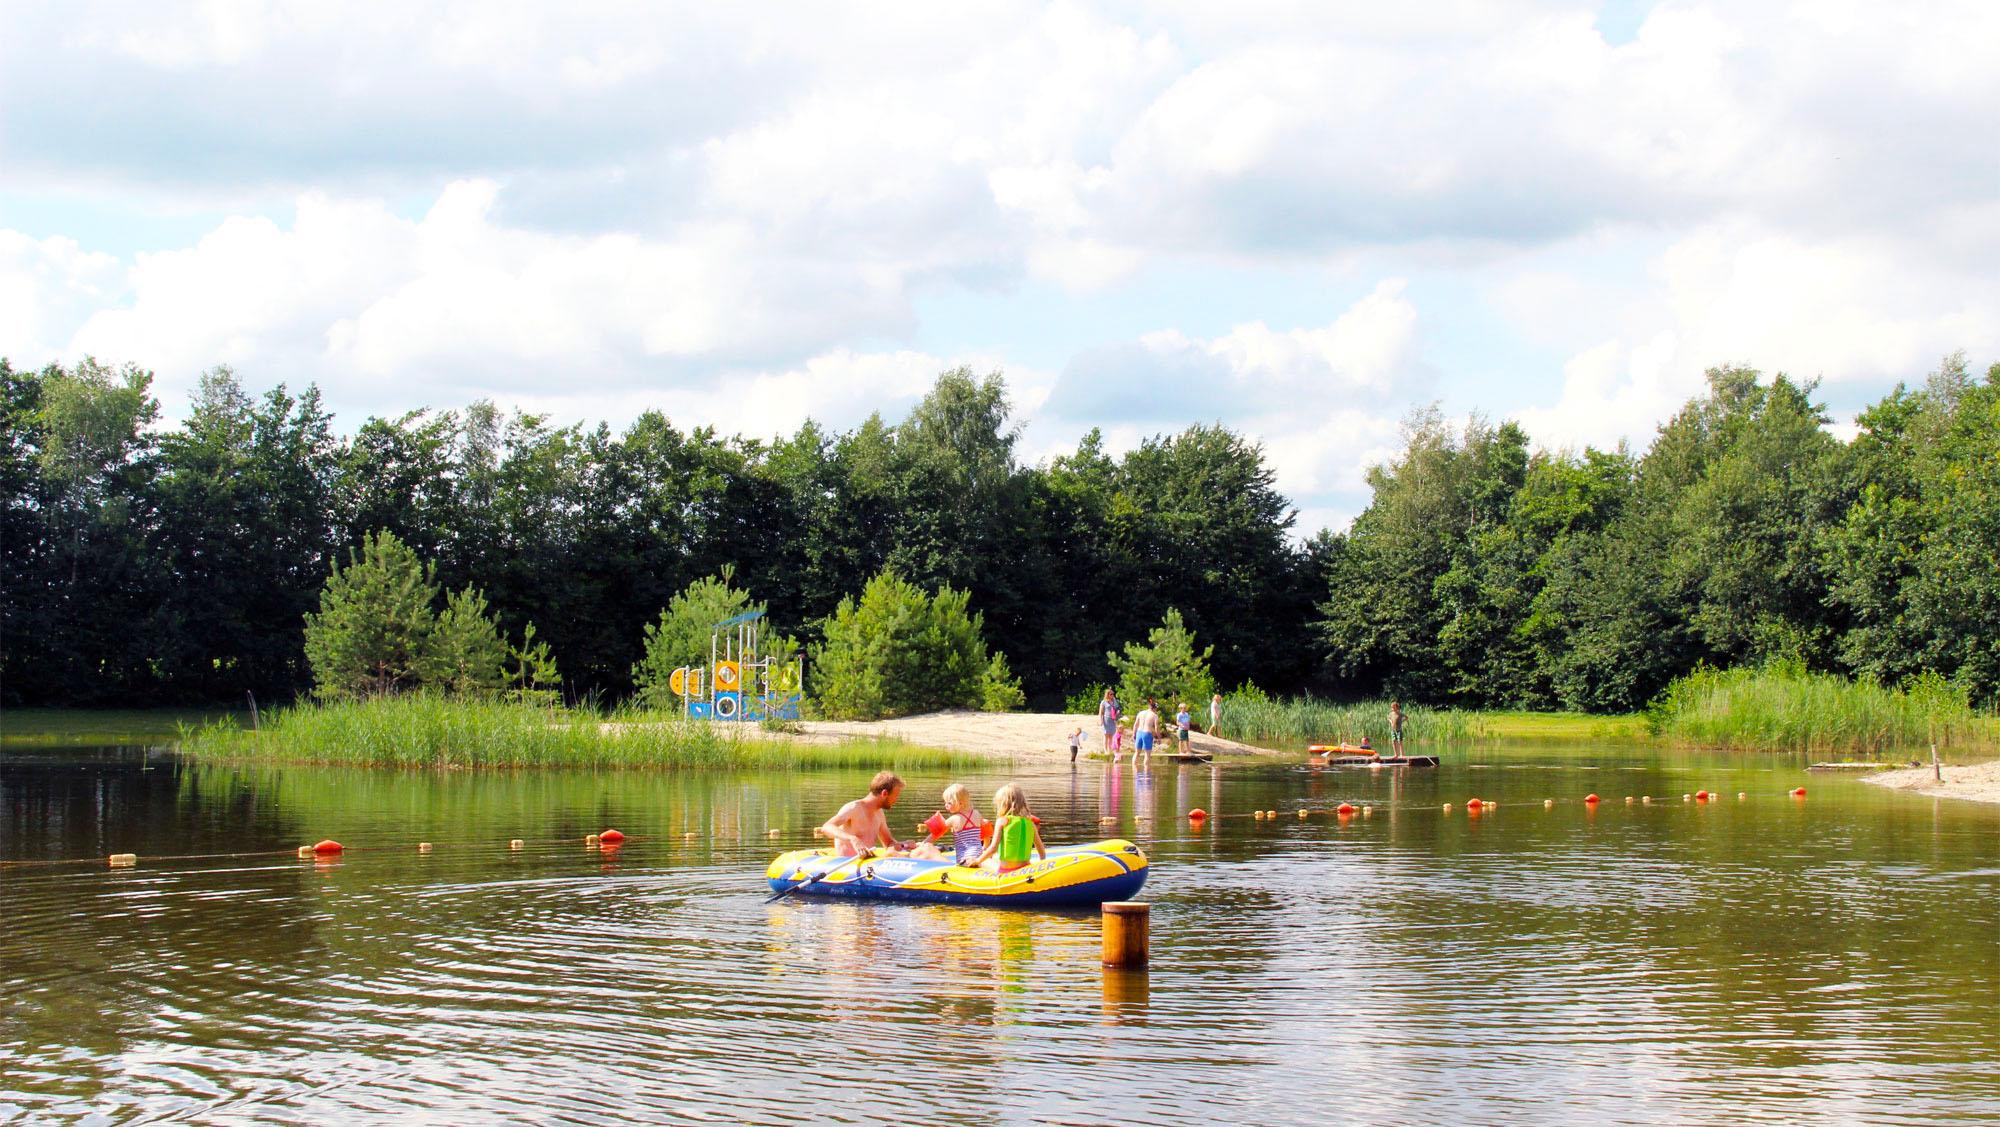 Molecaten Park Het Landschap 02 zwemvijver